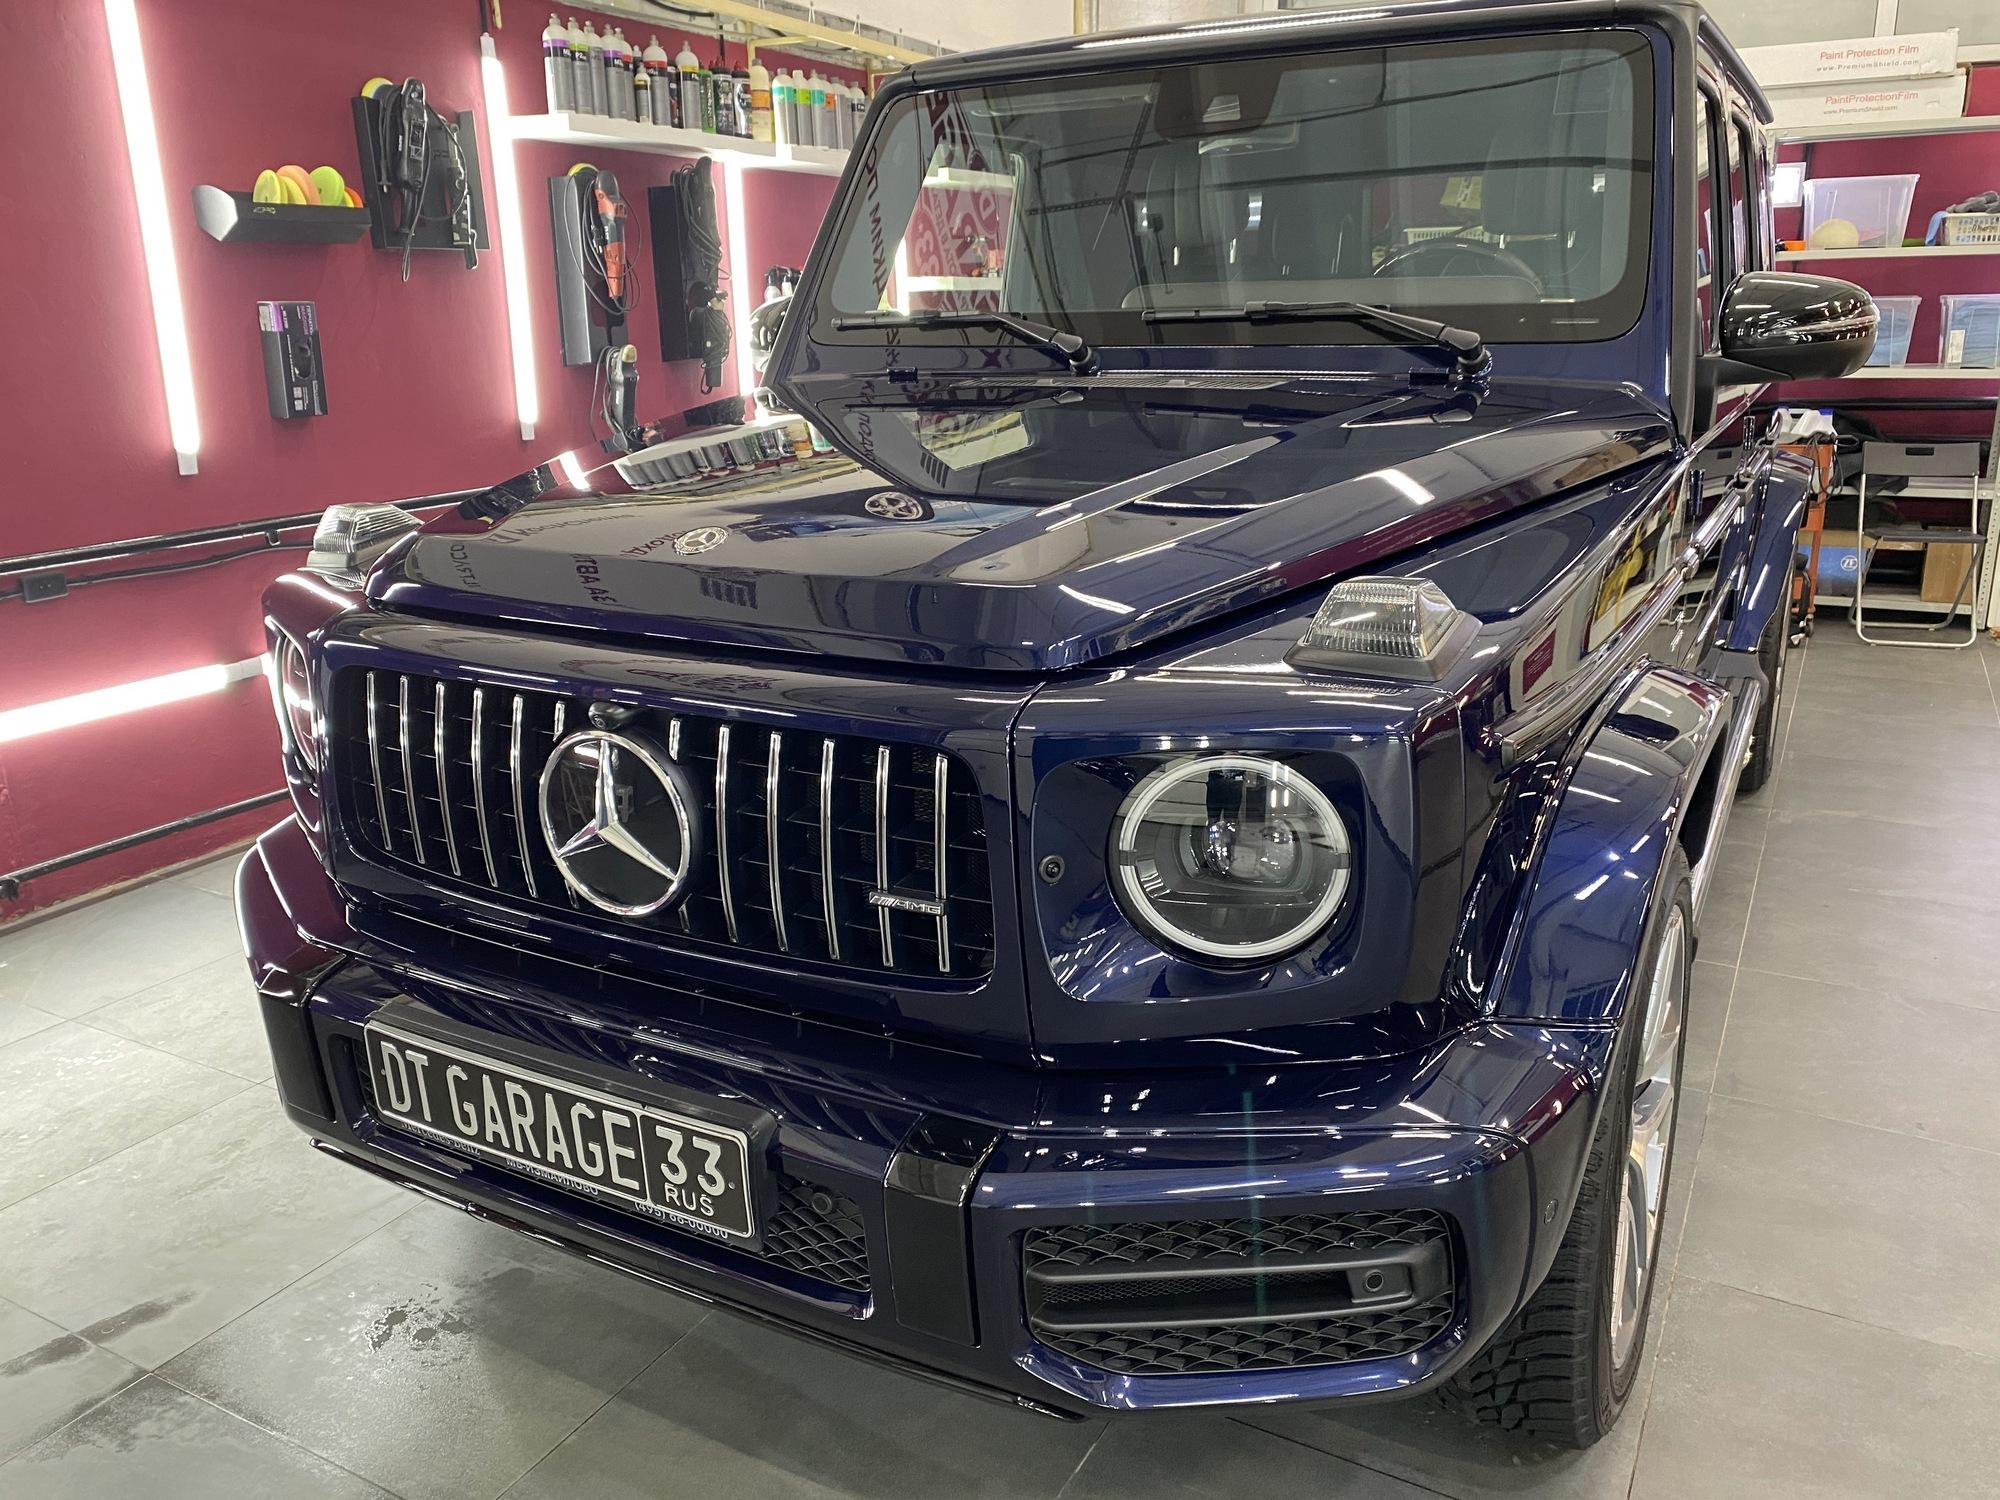 На фото Mercedes Benz G-class после обработки качественным жидким стеклом.